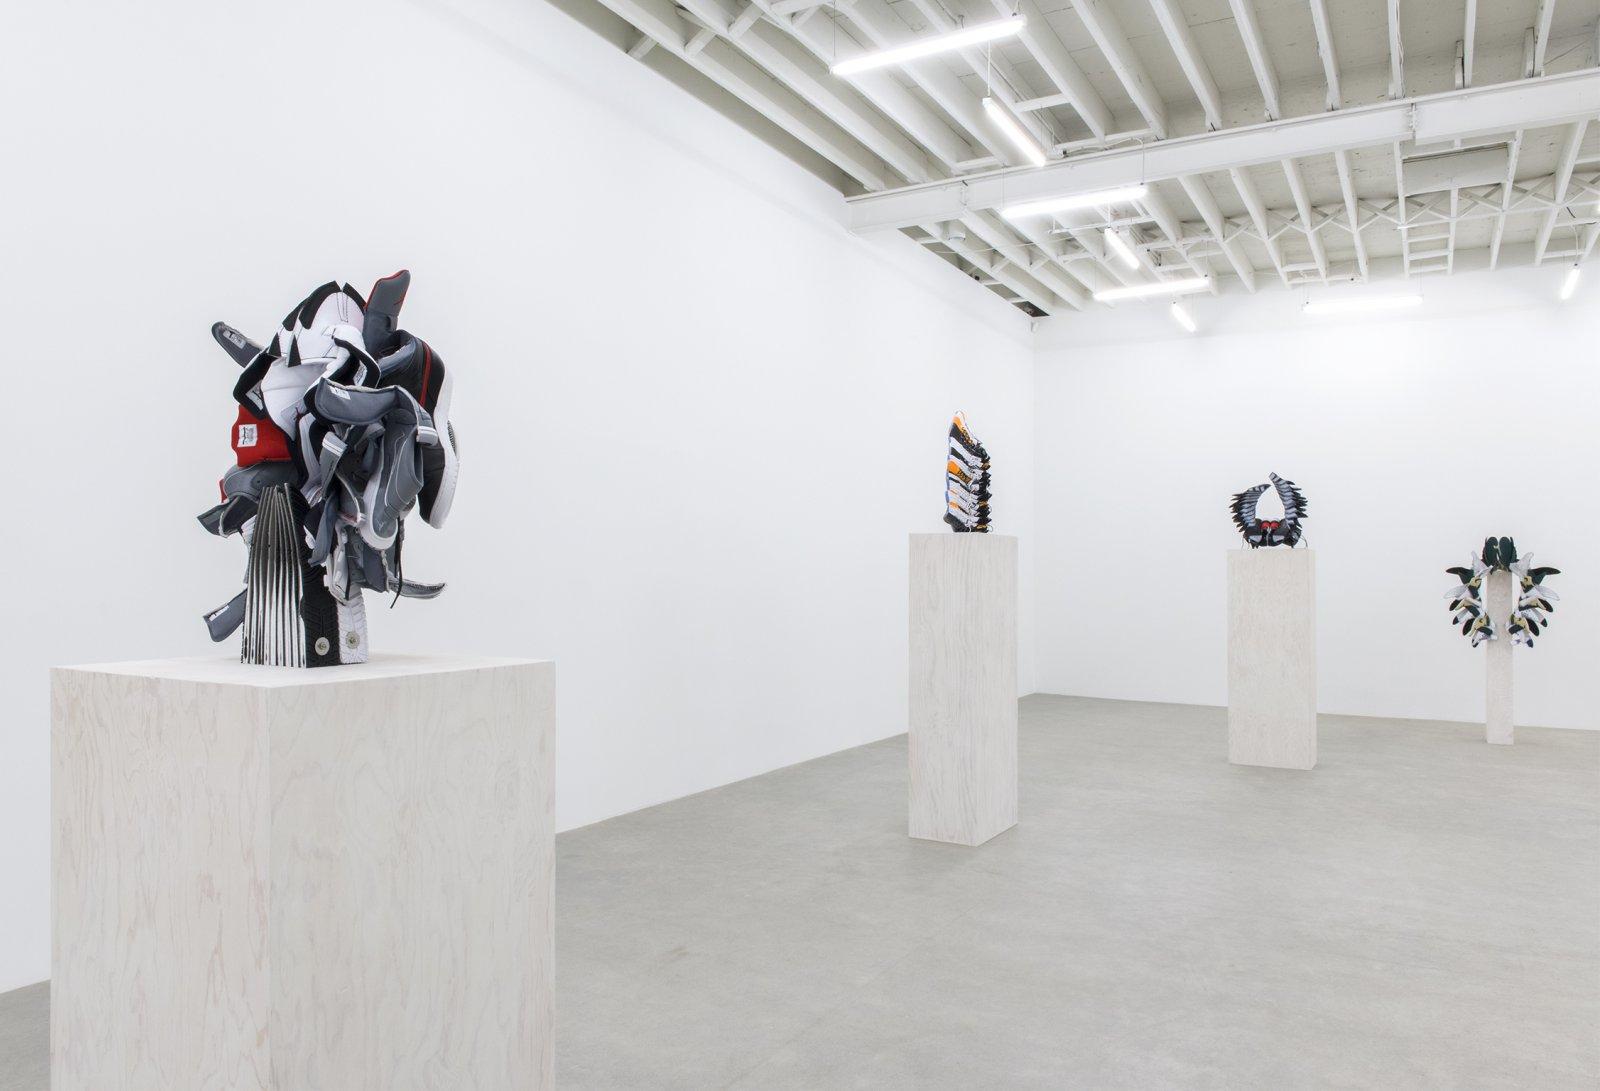 Brian Jungen, installation view, Catriona Jeffries, 2016 by Brian Jungen